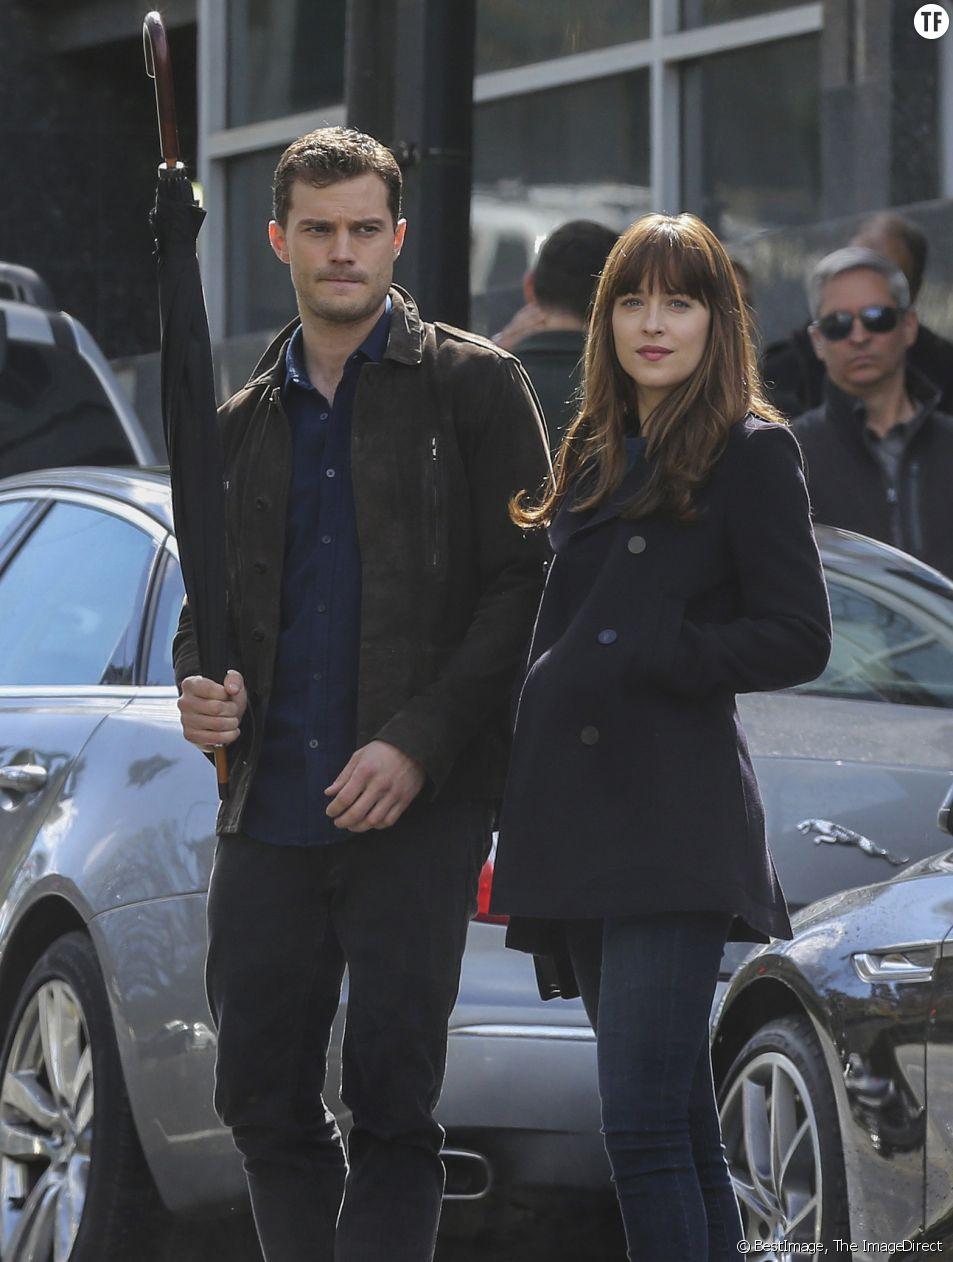 Dakota Johnson et Jamie Dornan sur le tournage de Fifty Shades Darker à Vancouver le 4 avril 2016